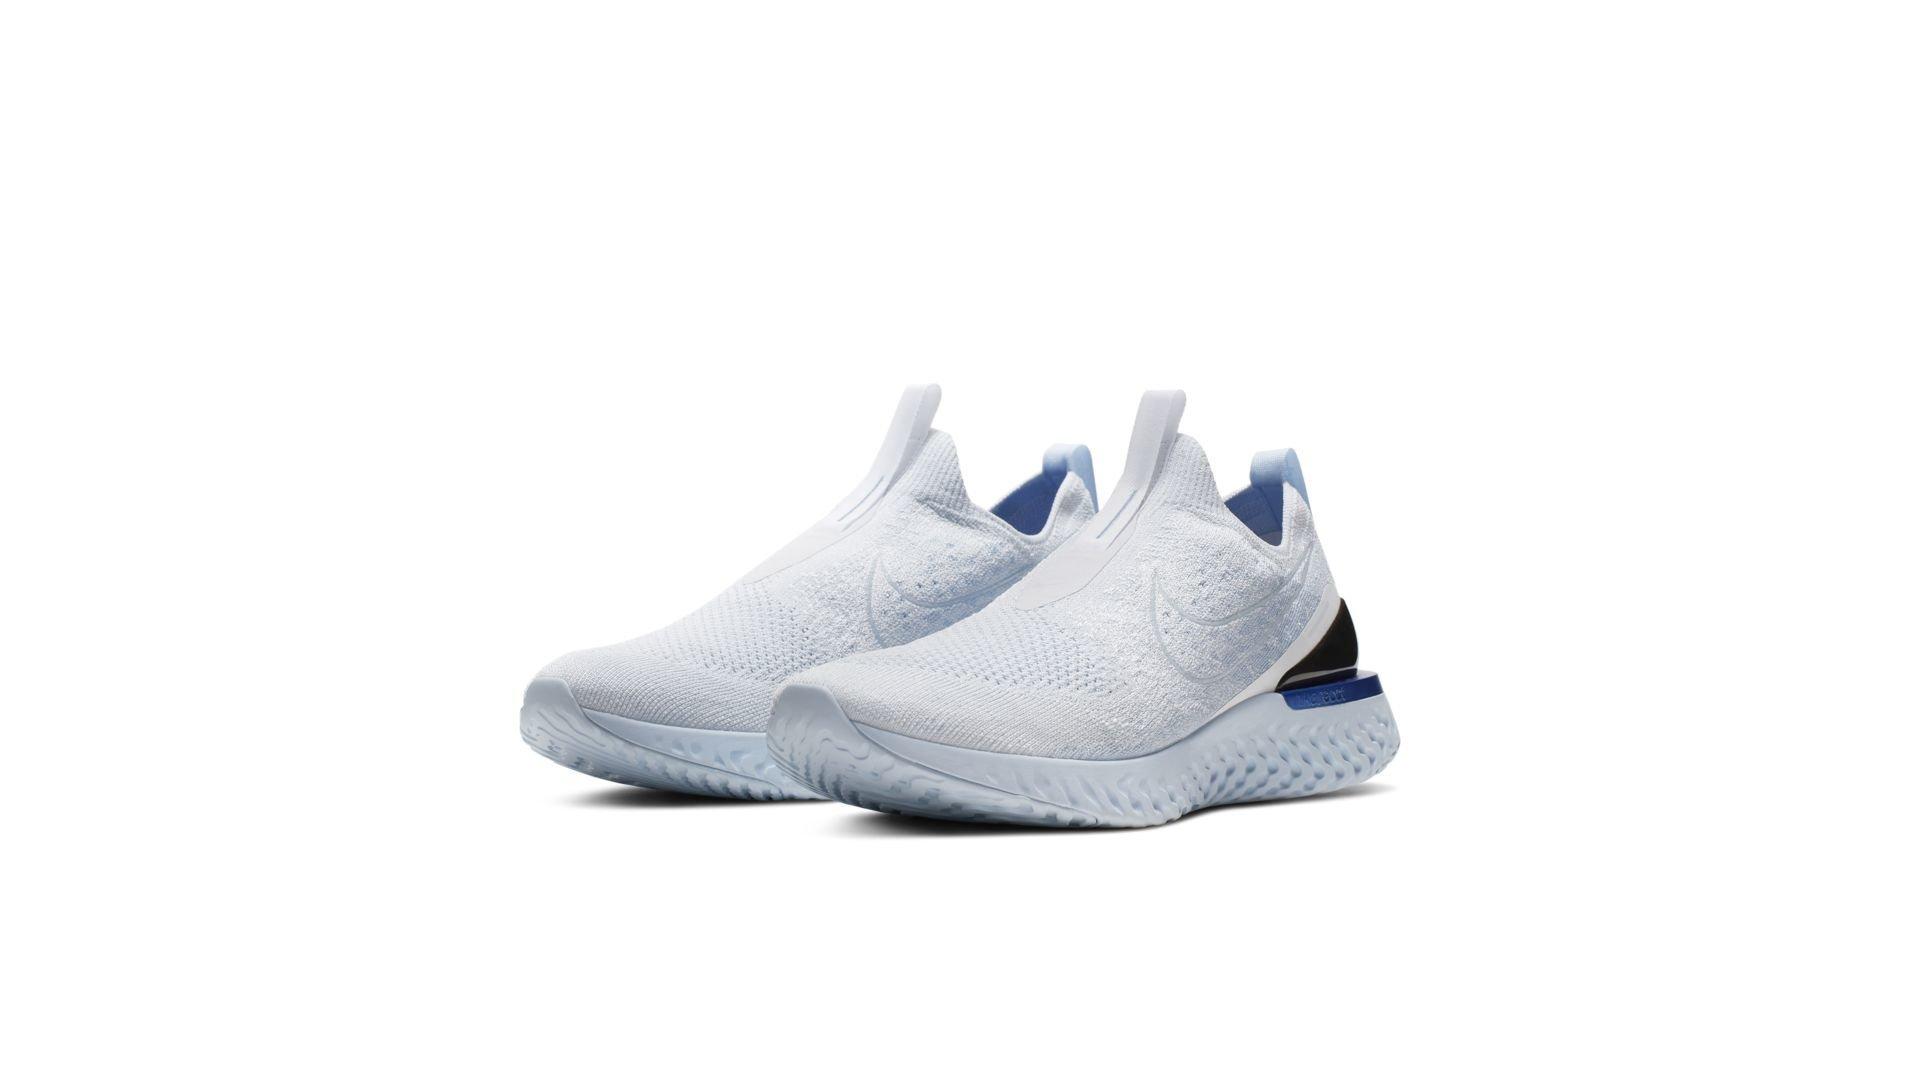 Nike Epic React Moc Flyknit White Hydrogen Blue (BV0417-101)